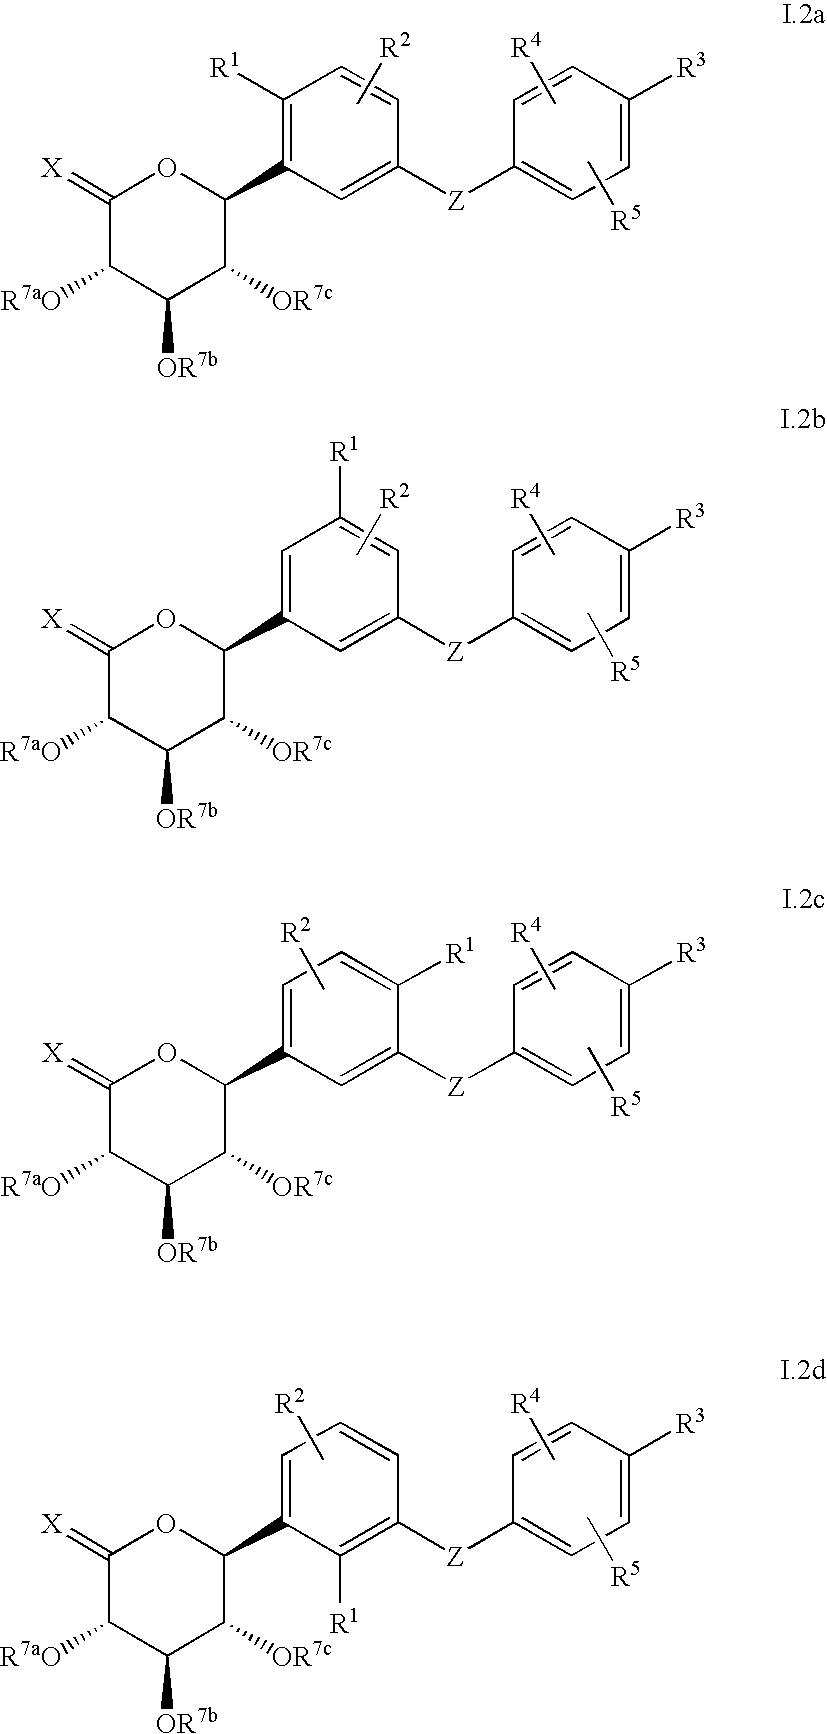 Figure US20060019948A1-20060126-C00013